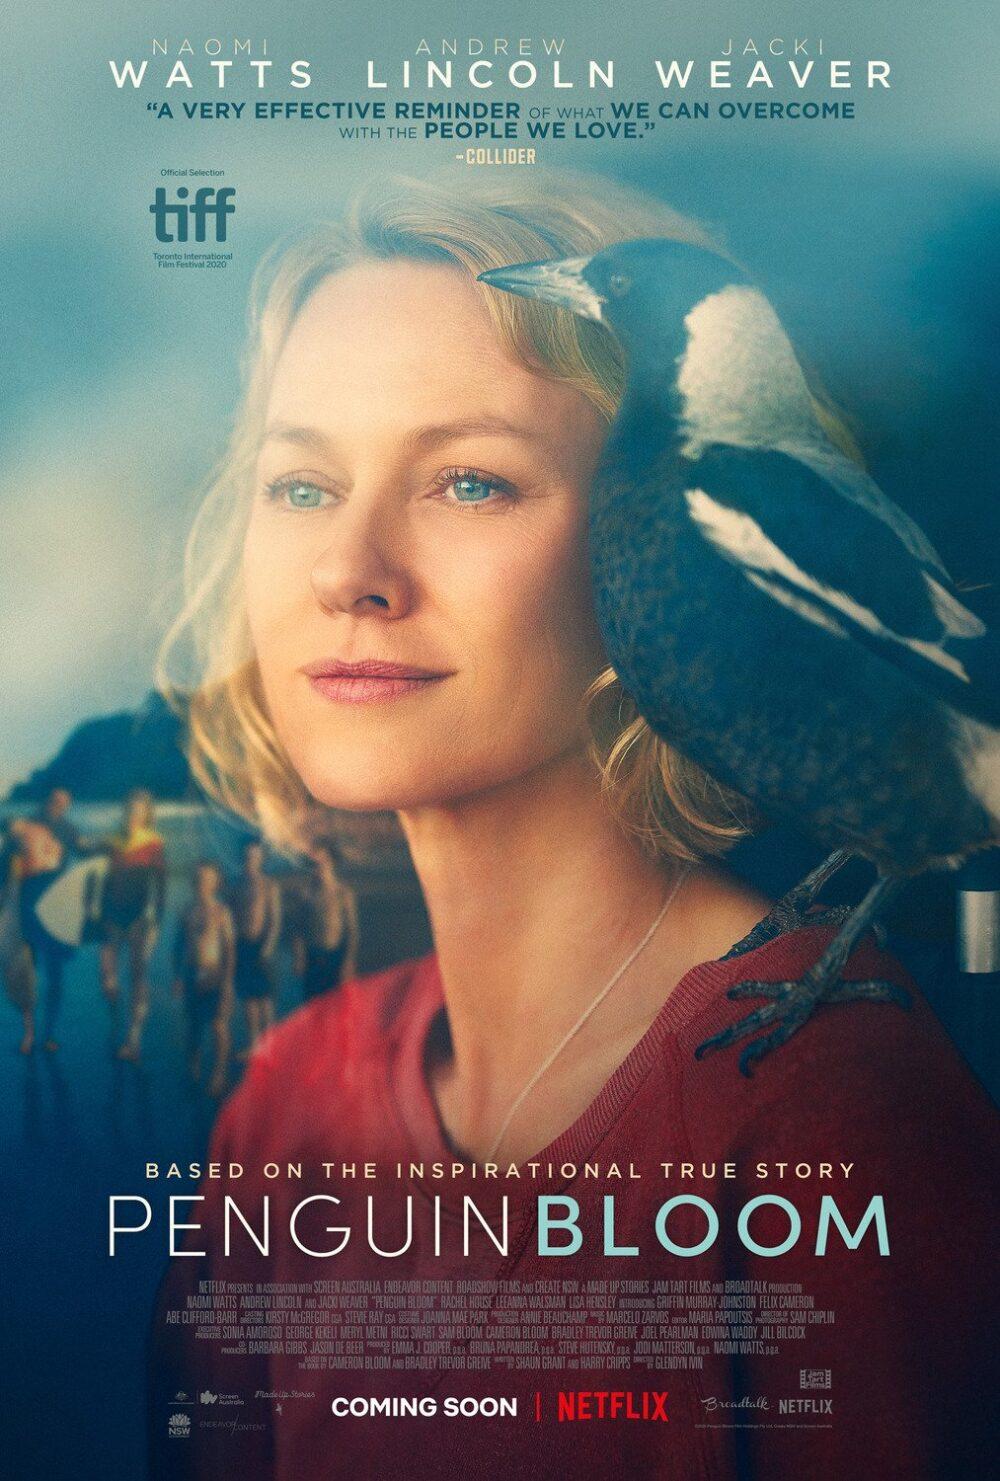 penguin-bloom-nuovo-trailer-del-film-netflix-con-naomi-watts